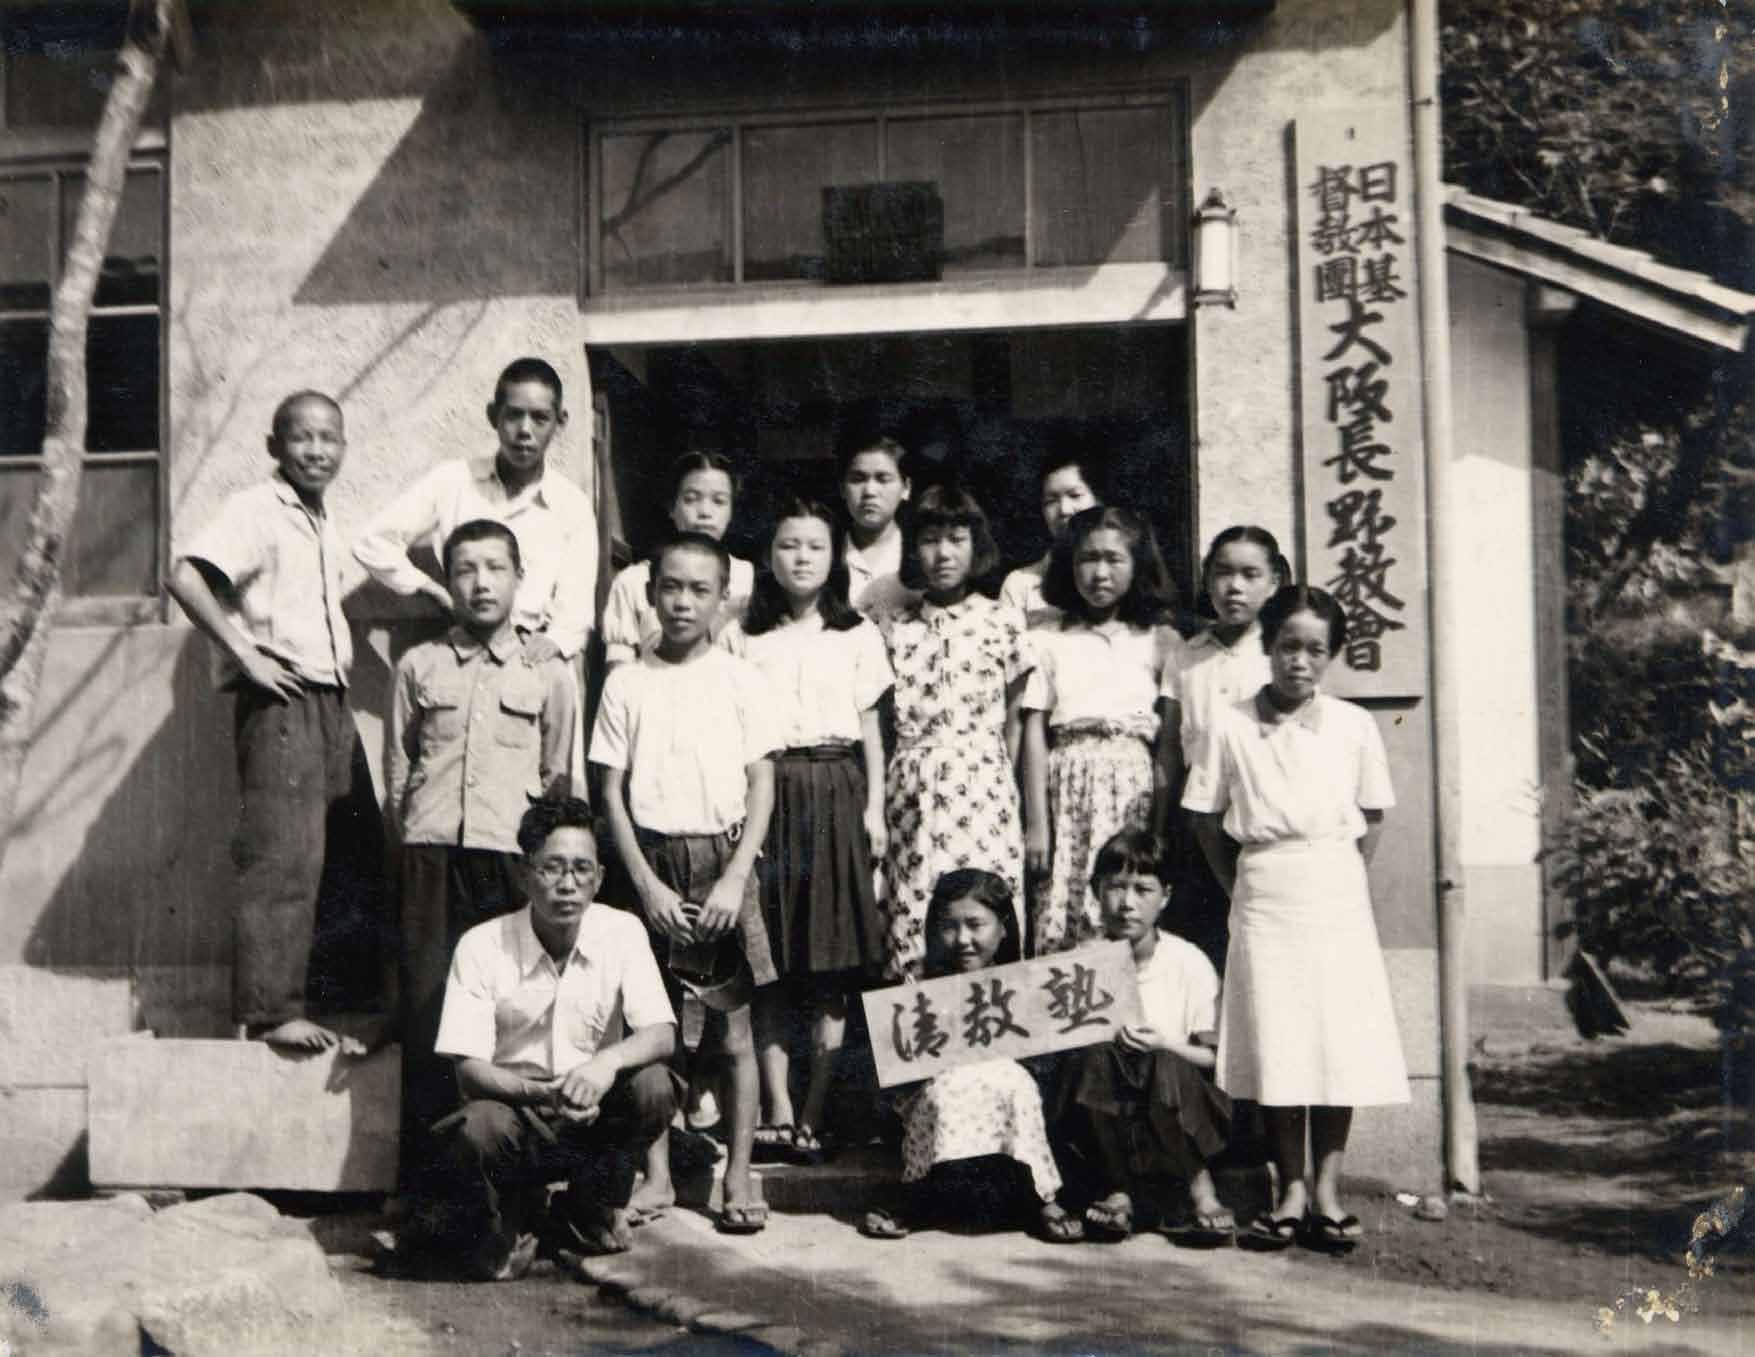 清教塾の生徒たちと中山昇先生(1948年)